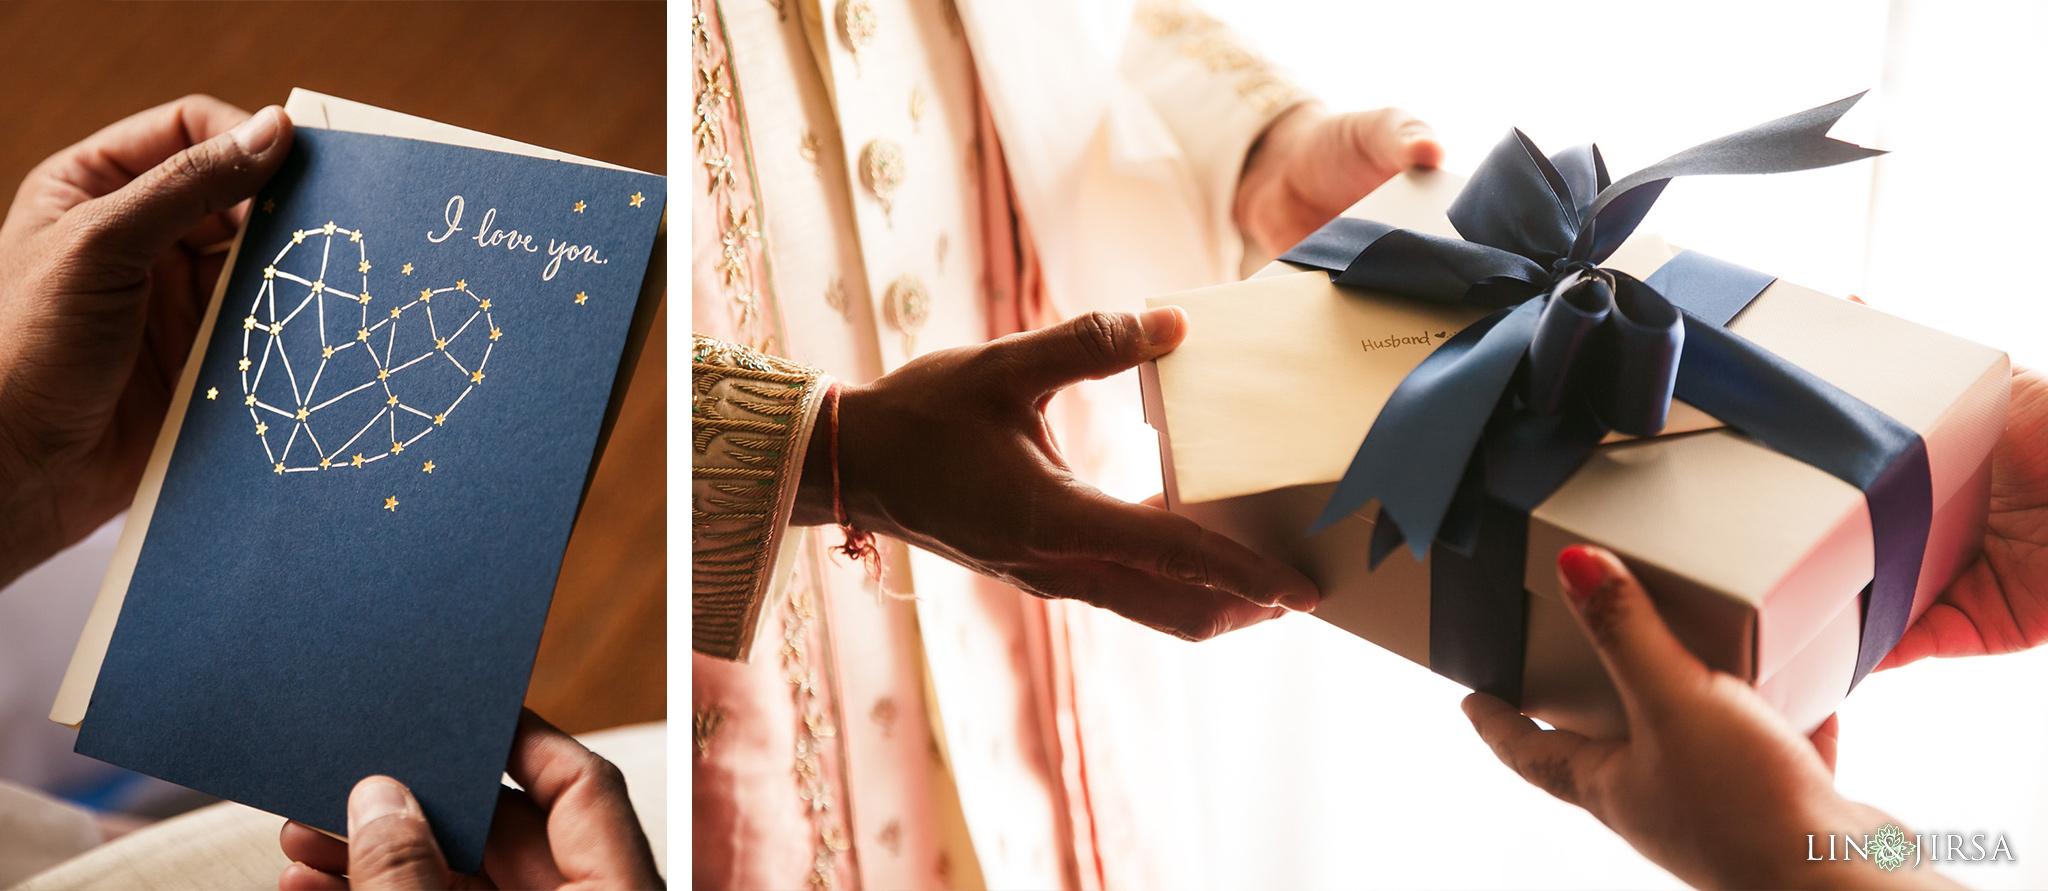 13 Hotel Irvine Indian Wedding Photography